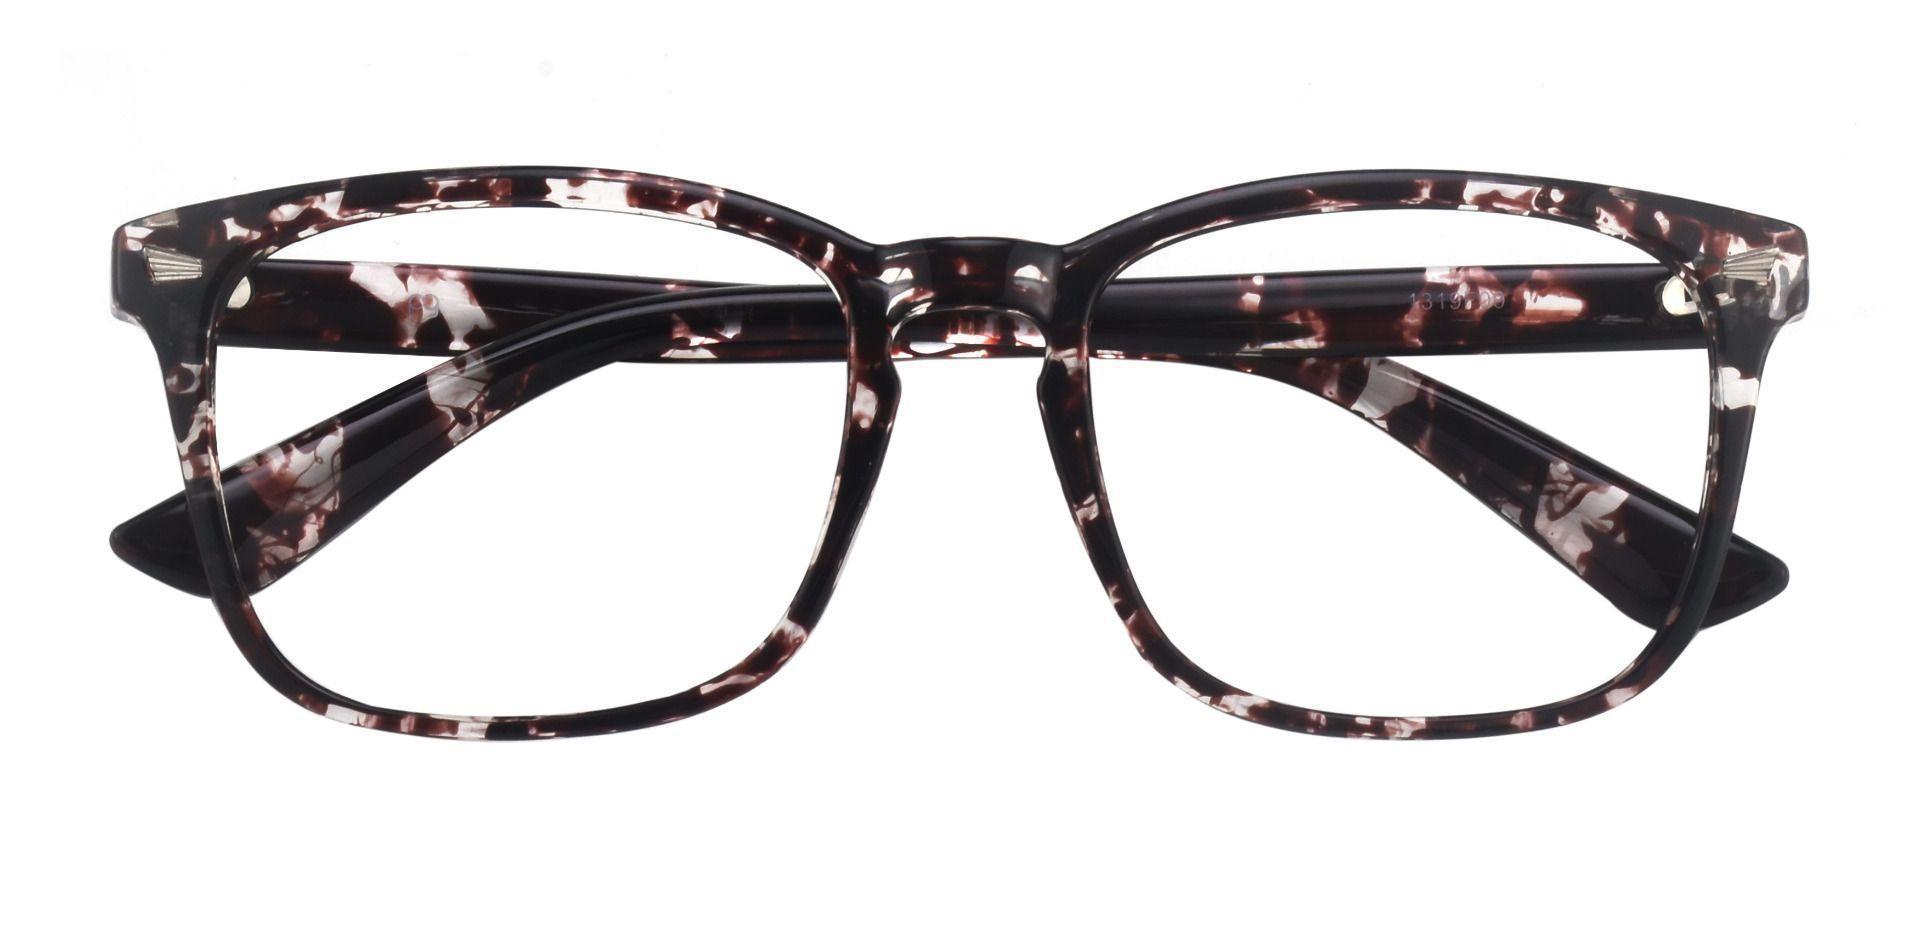 Rogan Square Prescription Glasses - Floral